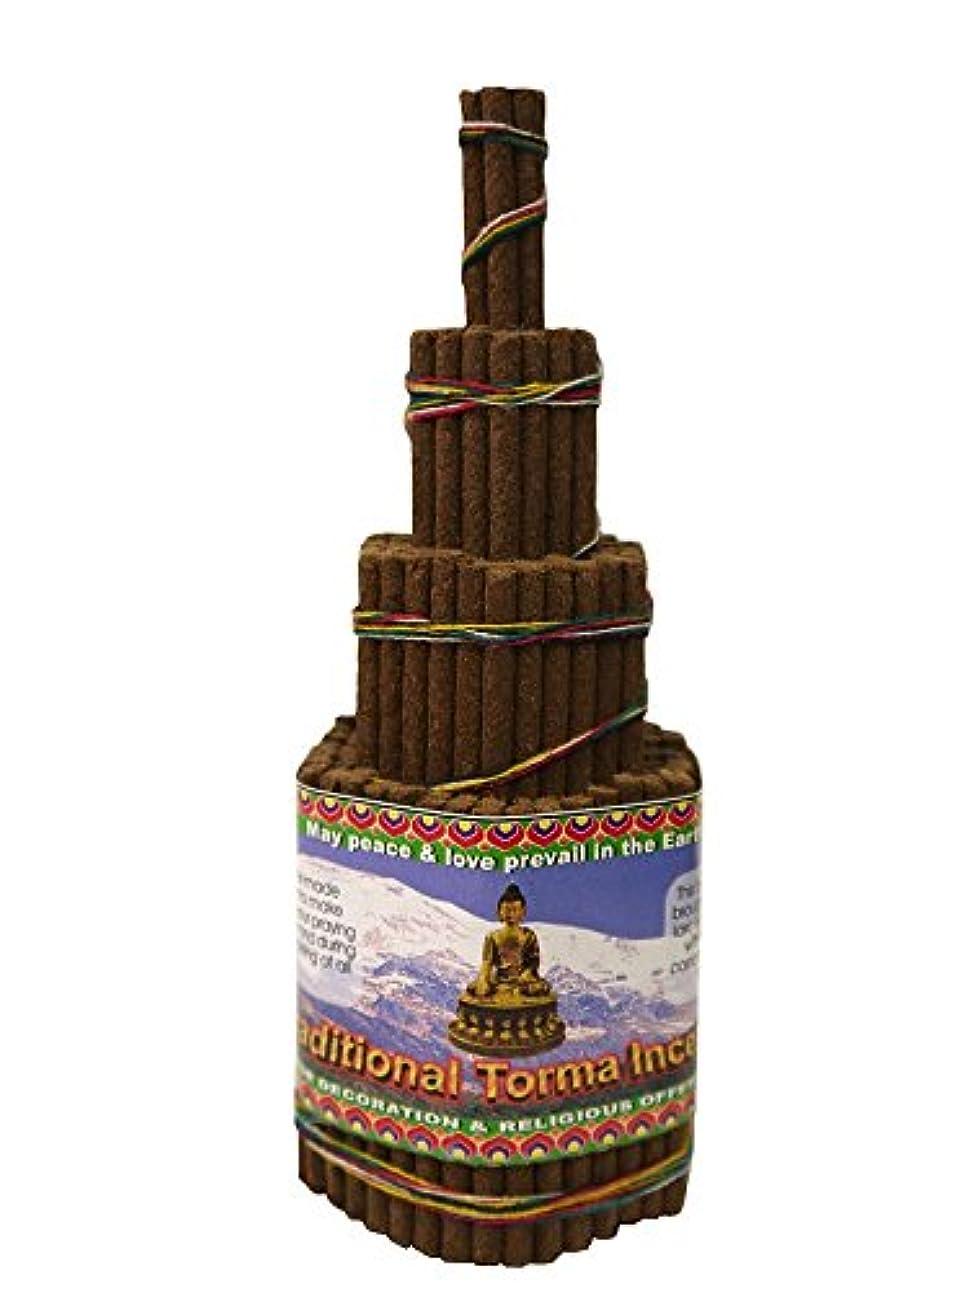 パプアニューギニア抵当履歴書NEPAL INCENSE 【TraditionaTormaIncenseトラディショナルトルマ】